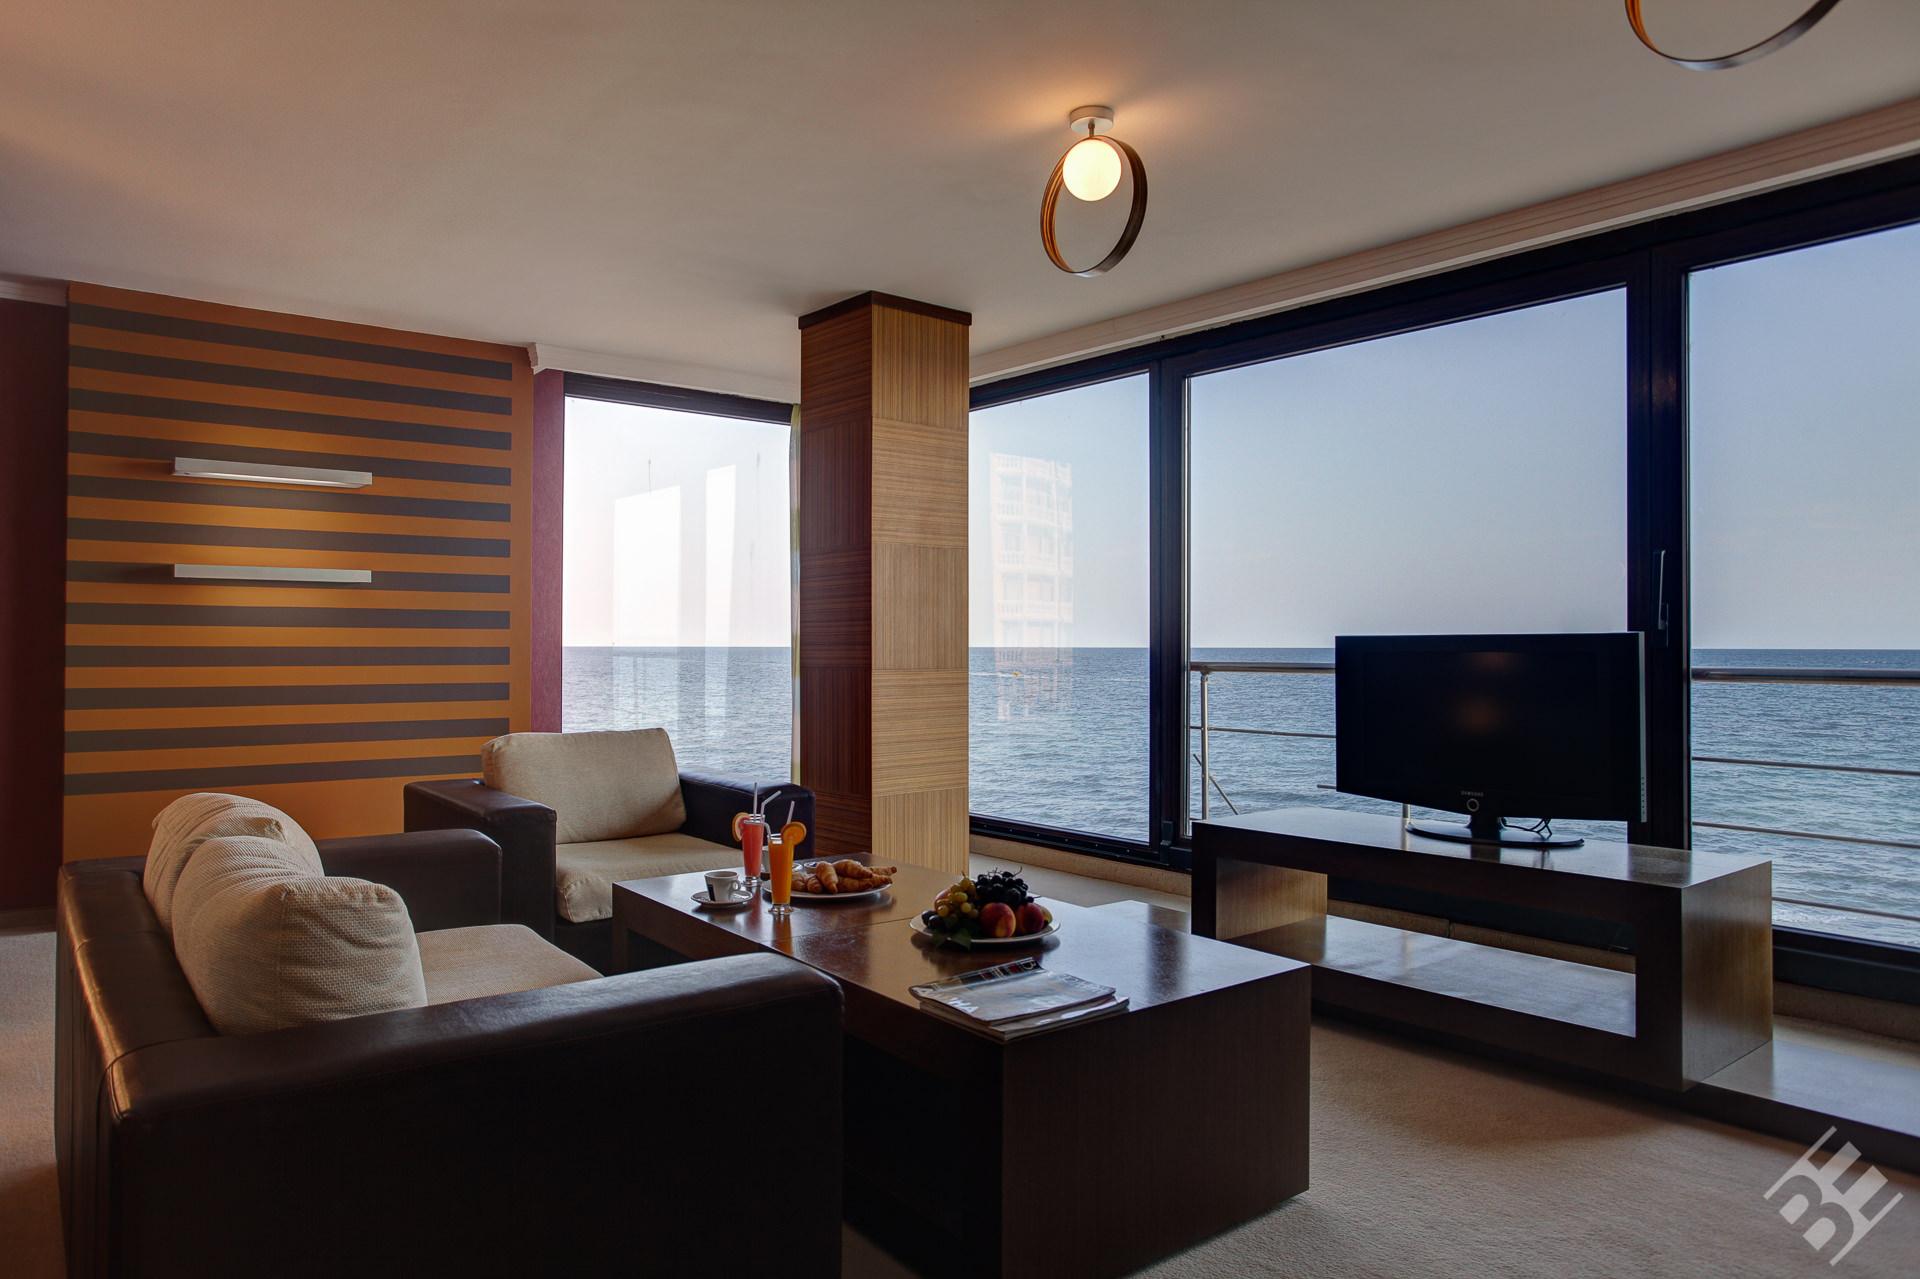 Hotels_04_IMG_9373H3_Volen_Evtimov